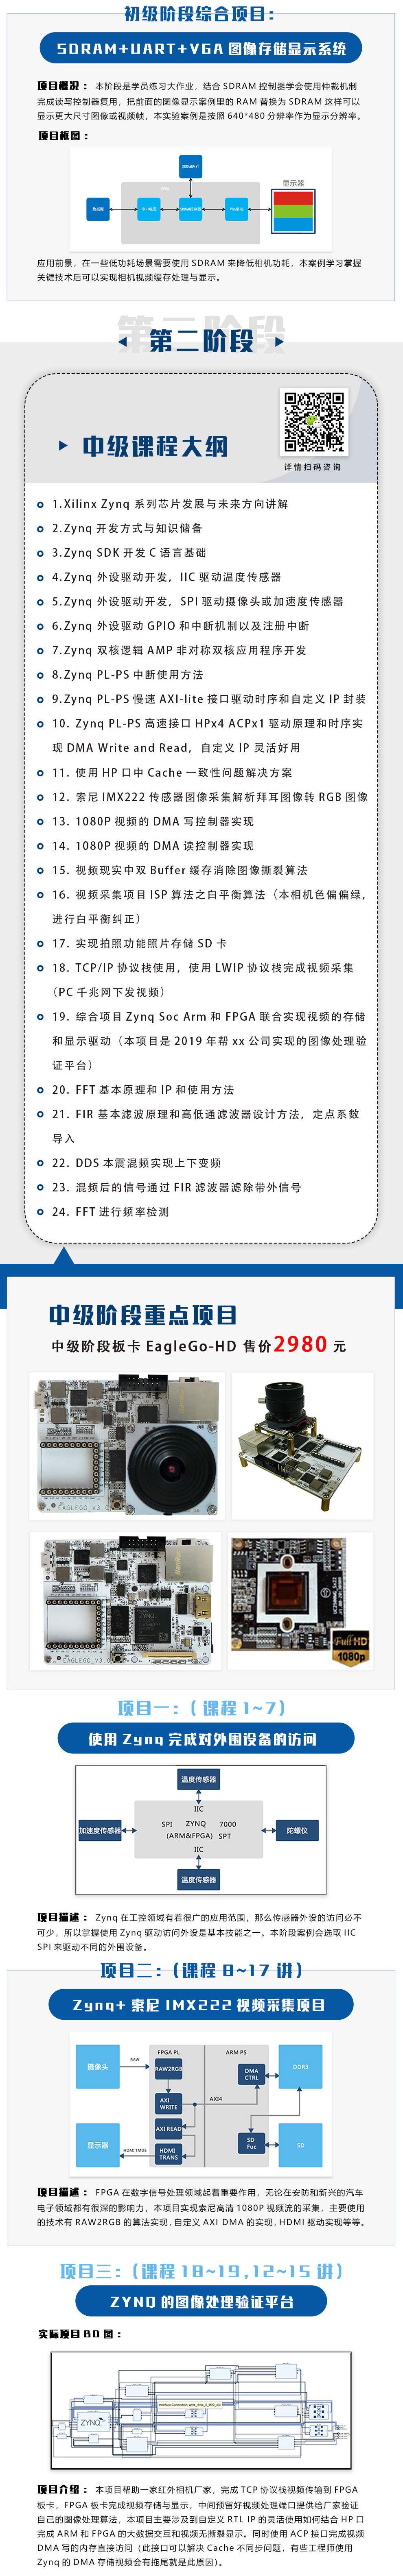 file_1559274231924.jpg